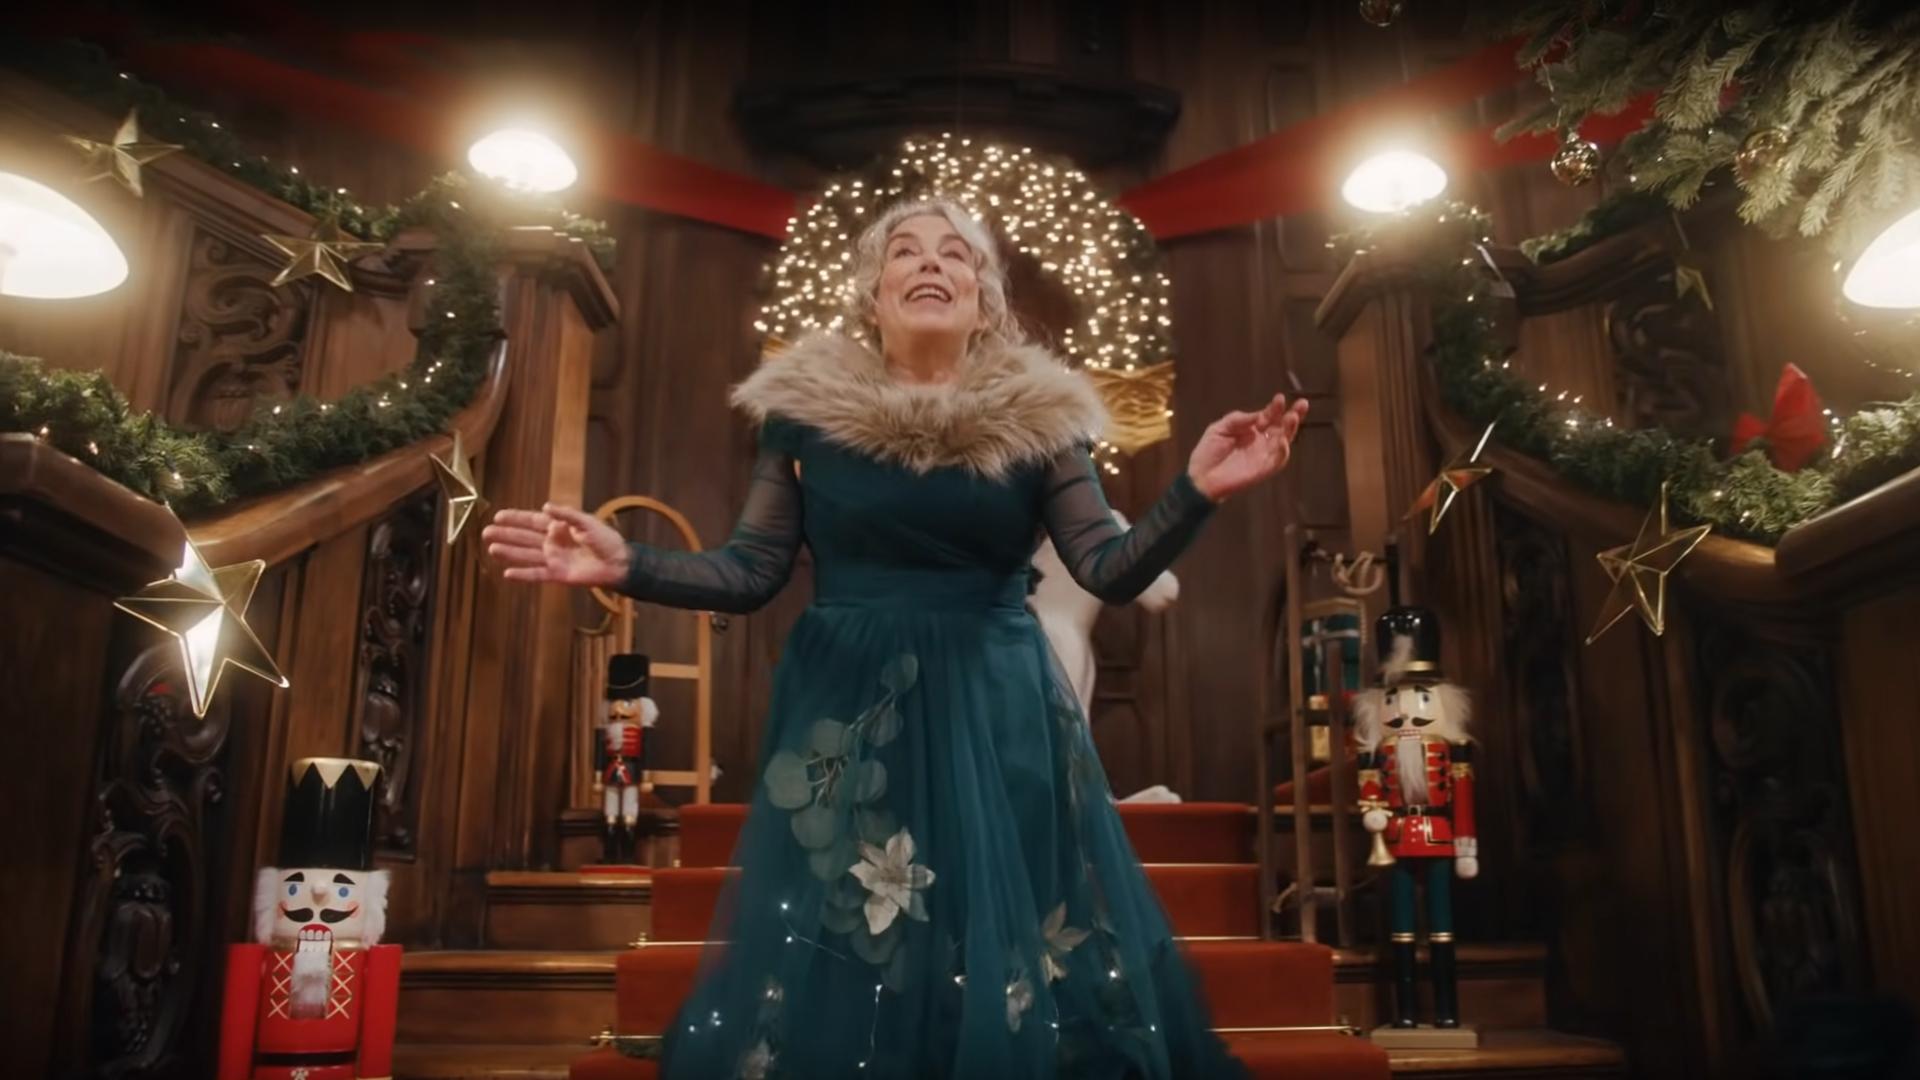 Filmproduktion Imagefilm Werbespot Online Duracell Weihnachtsspot Dame mit Kleid auf Treppe